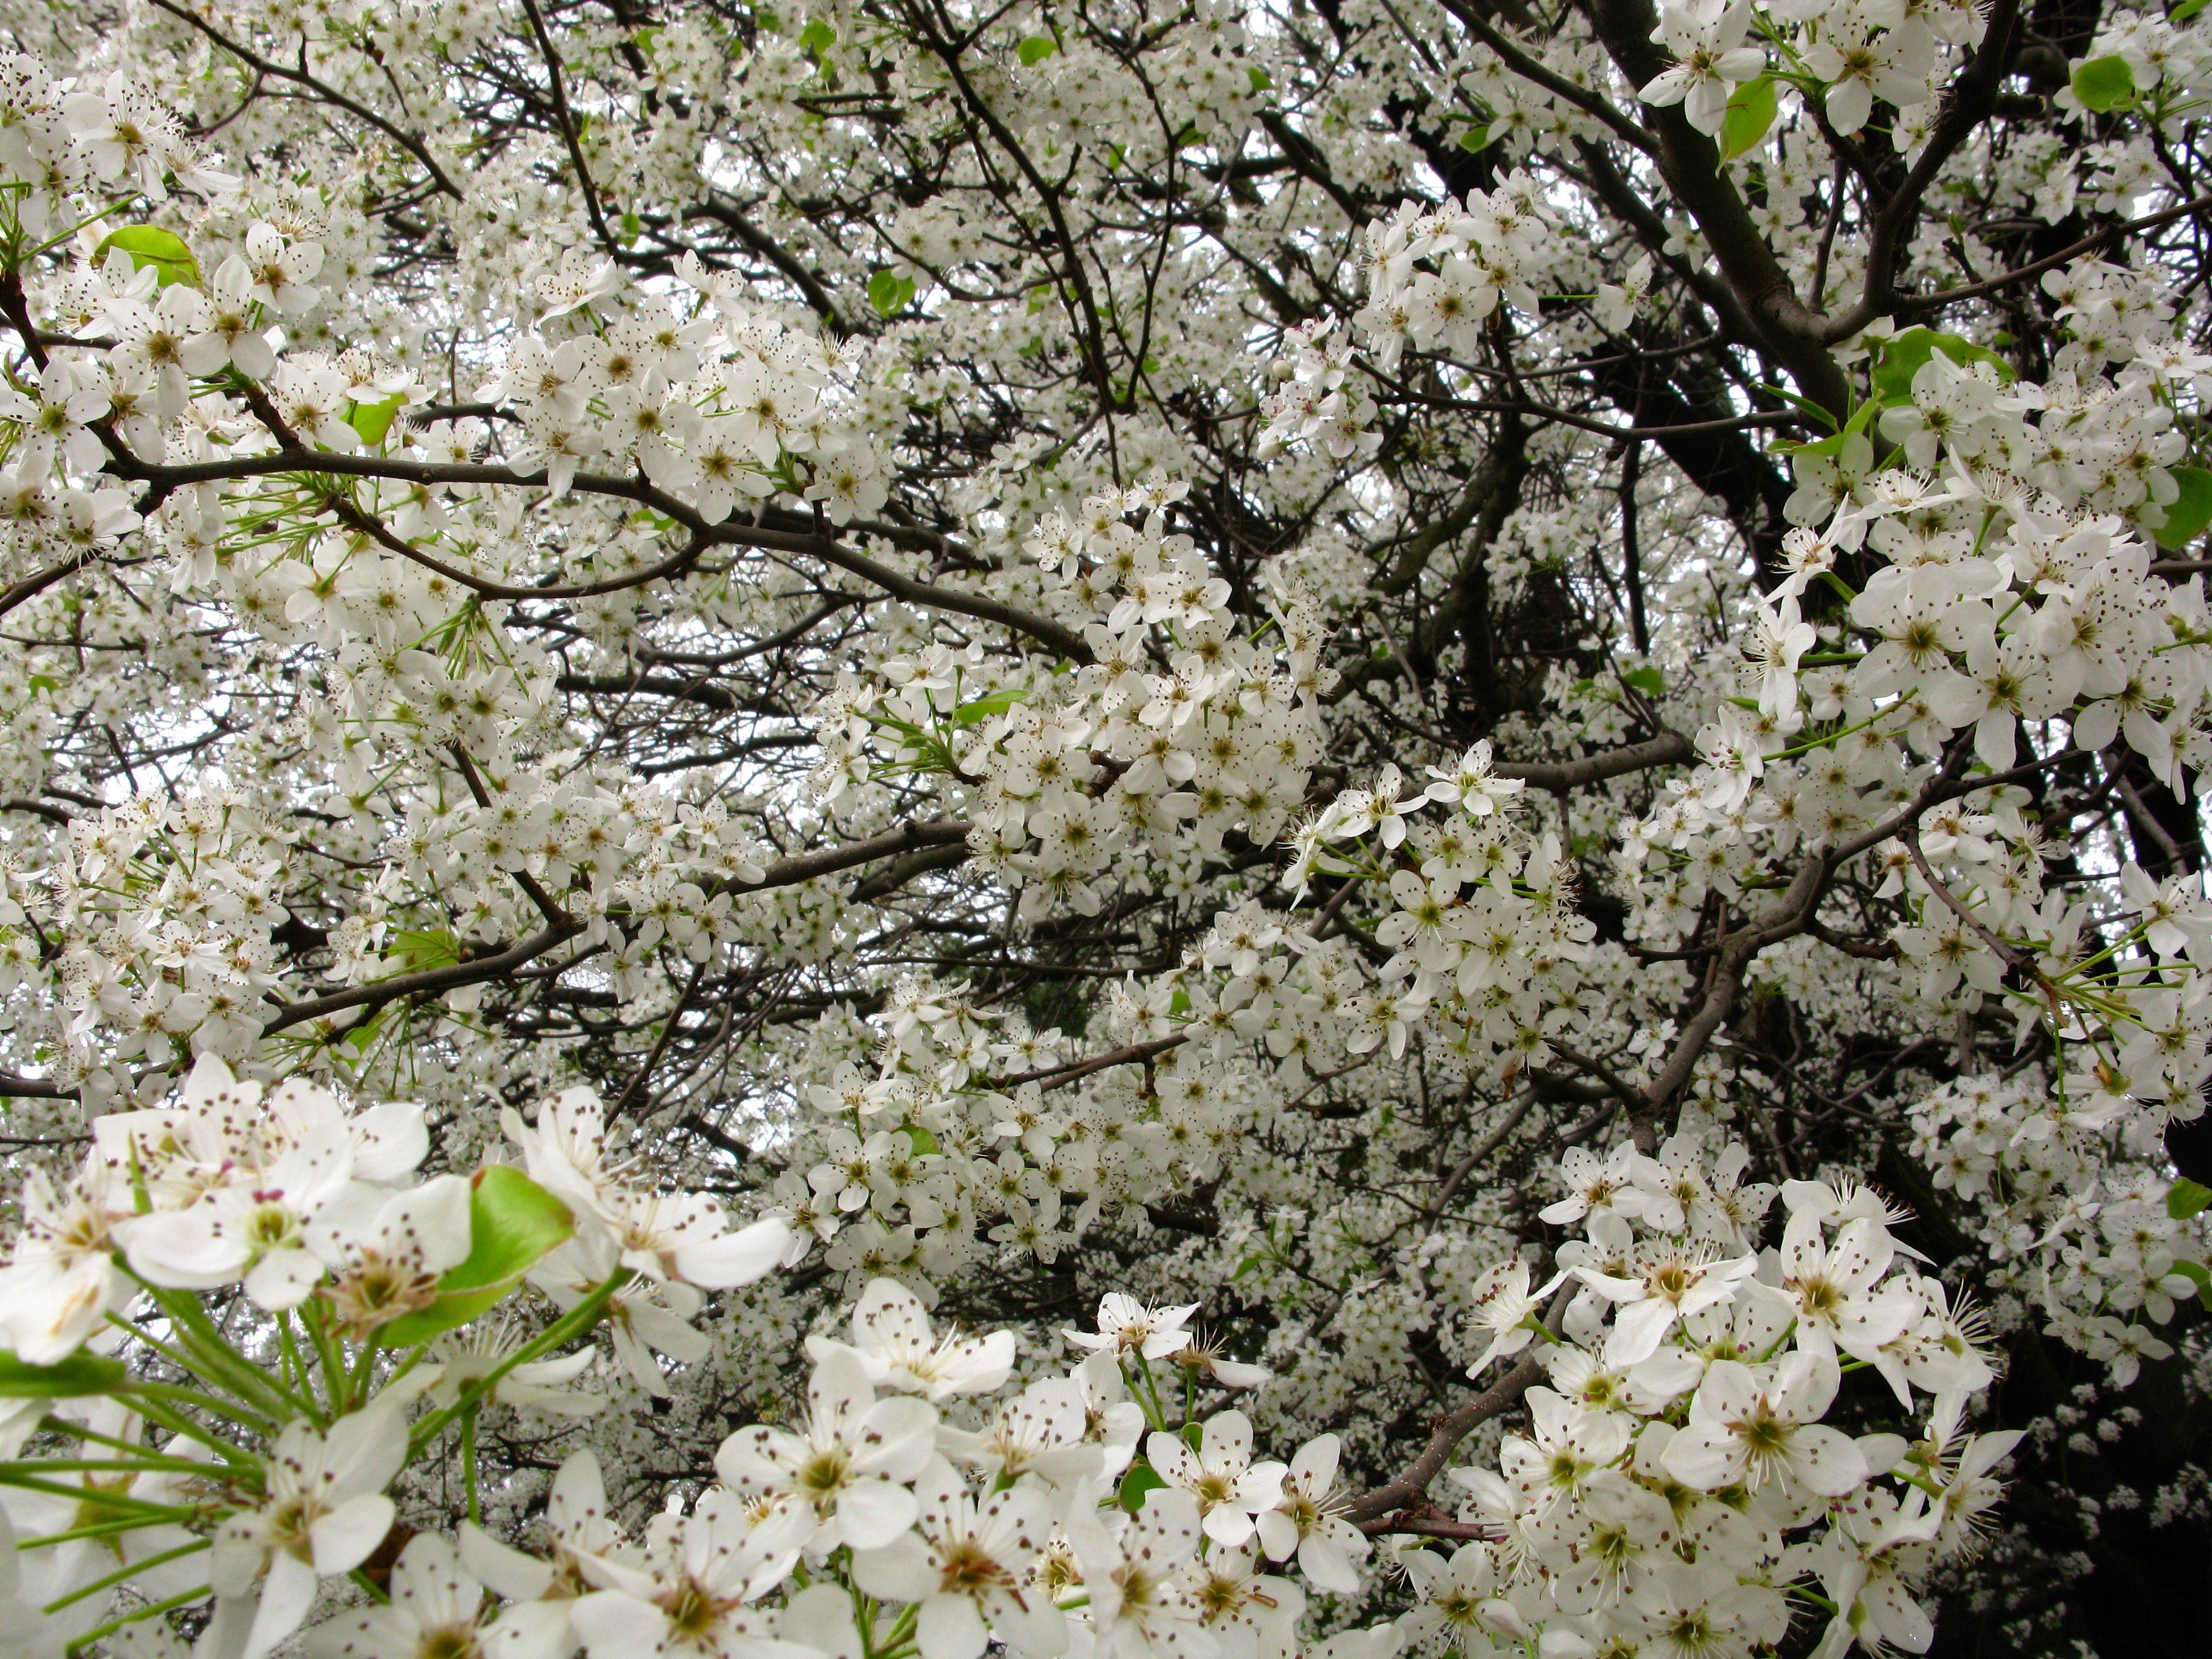 Spring blooming trees flowering spring flowers on a rainy march spring blooming trees flowering spring flowers on a rainy march day white pear flowers bloom mightylinksfo